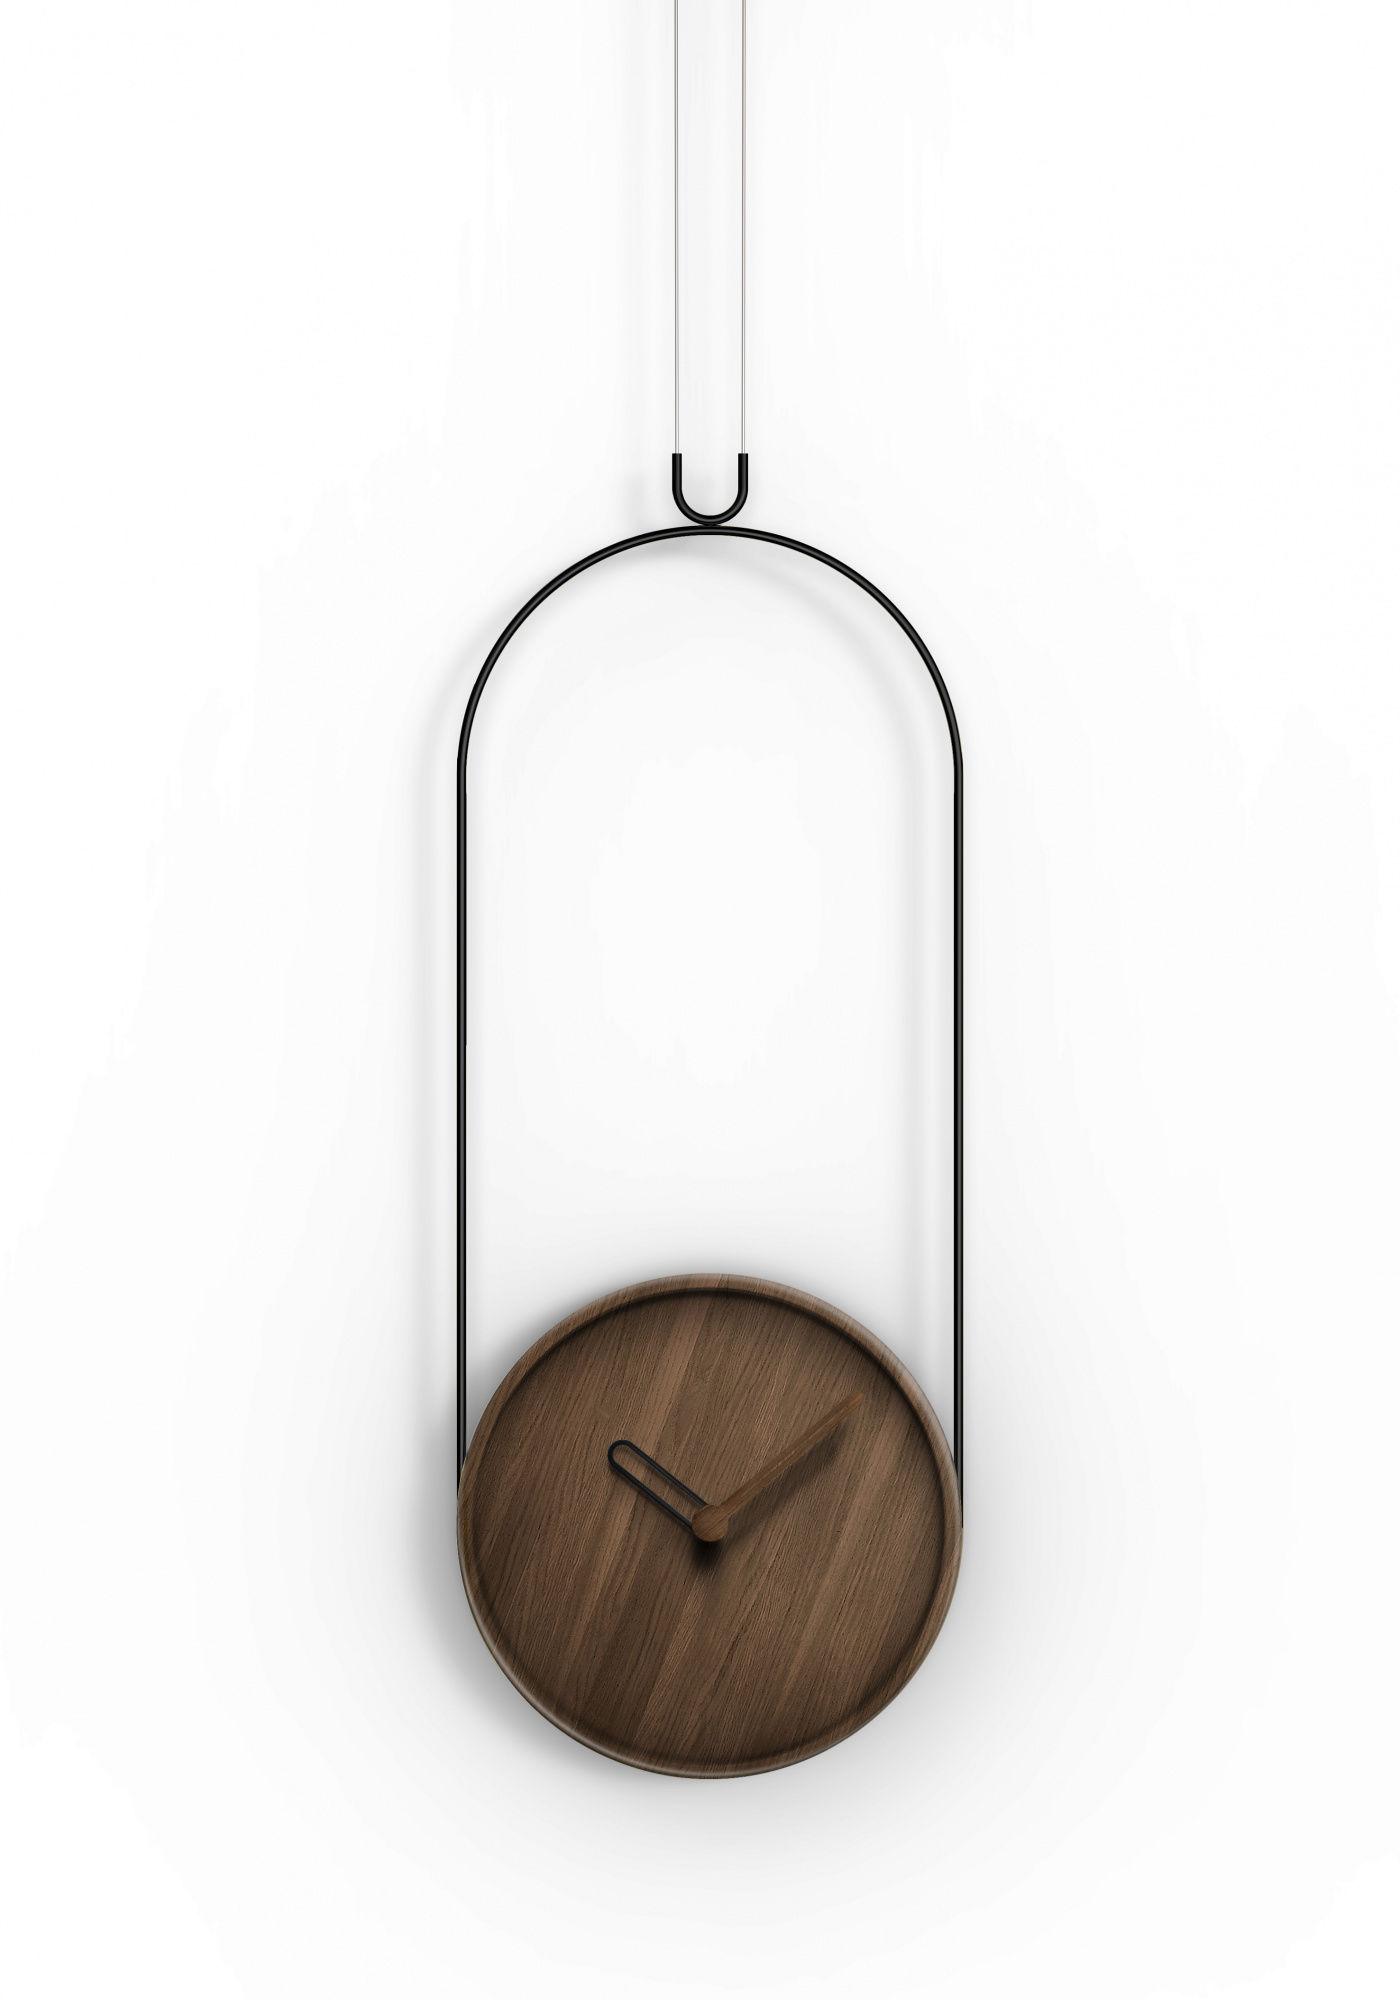 Zegar ścienny Colgante Nomon z drewnianą tarczą